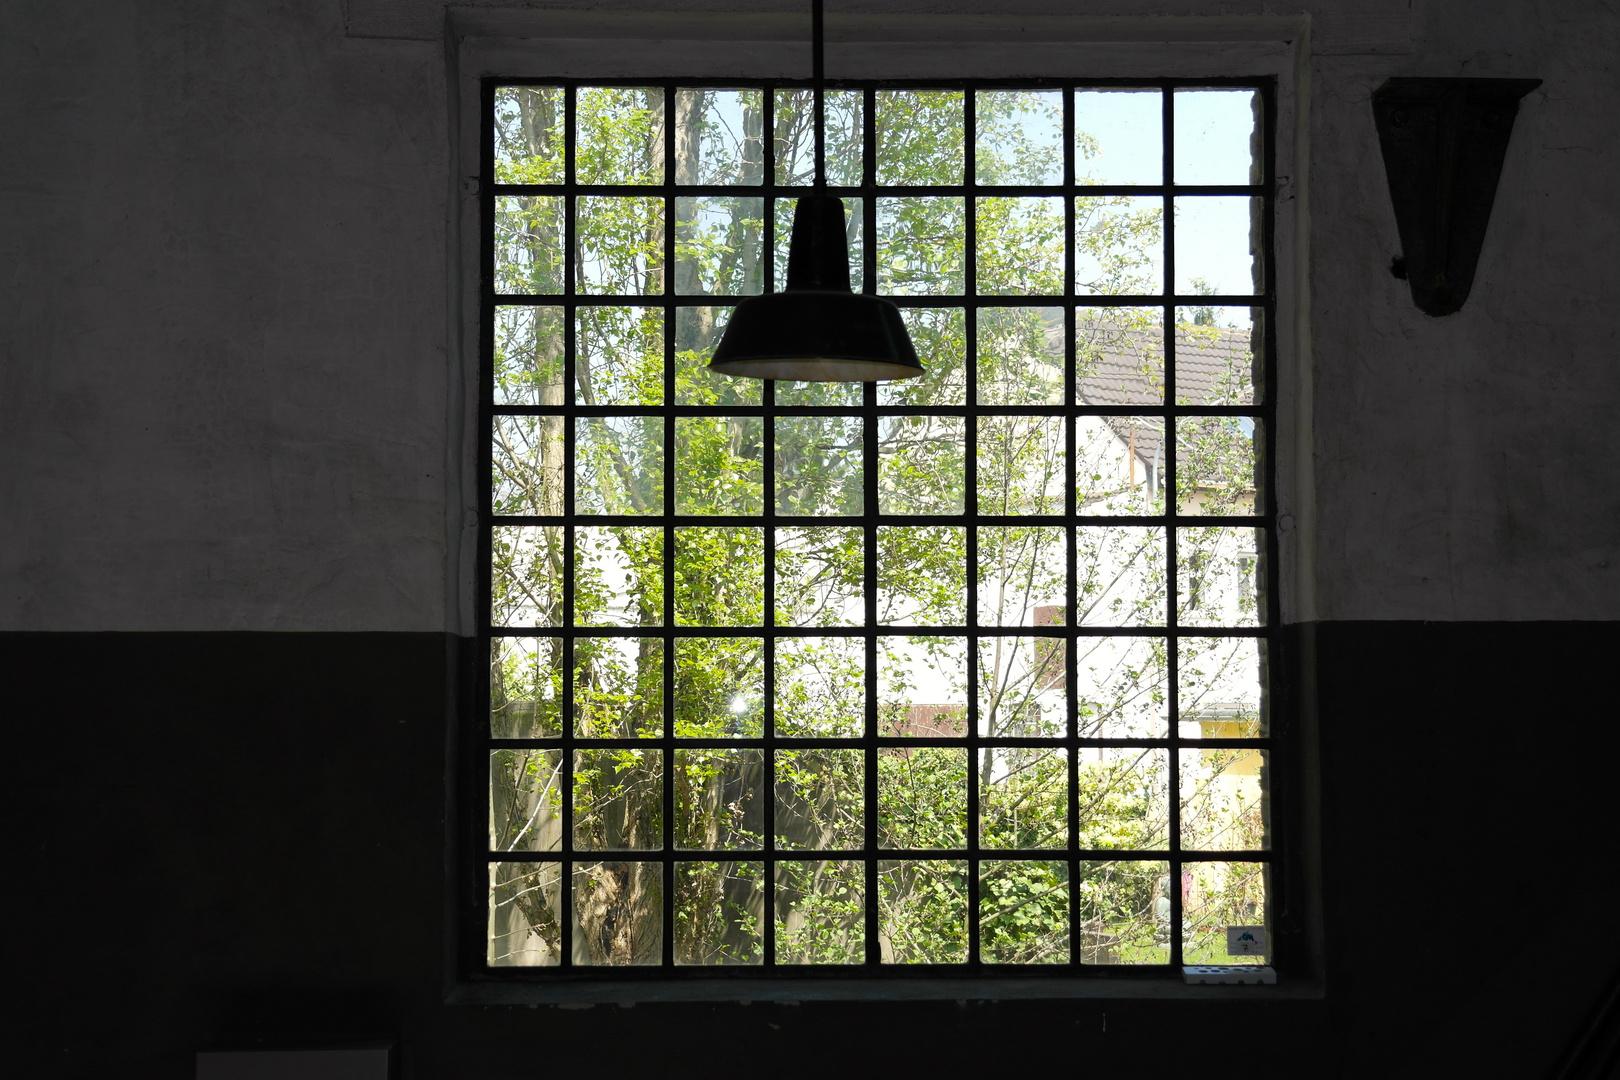 industriefenster 3 foto bild architektur fenster